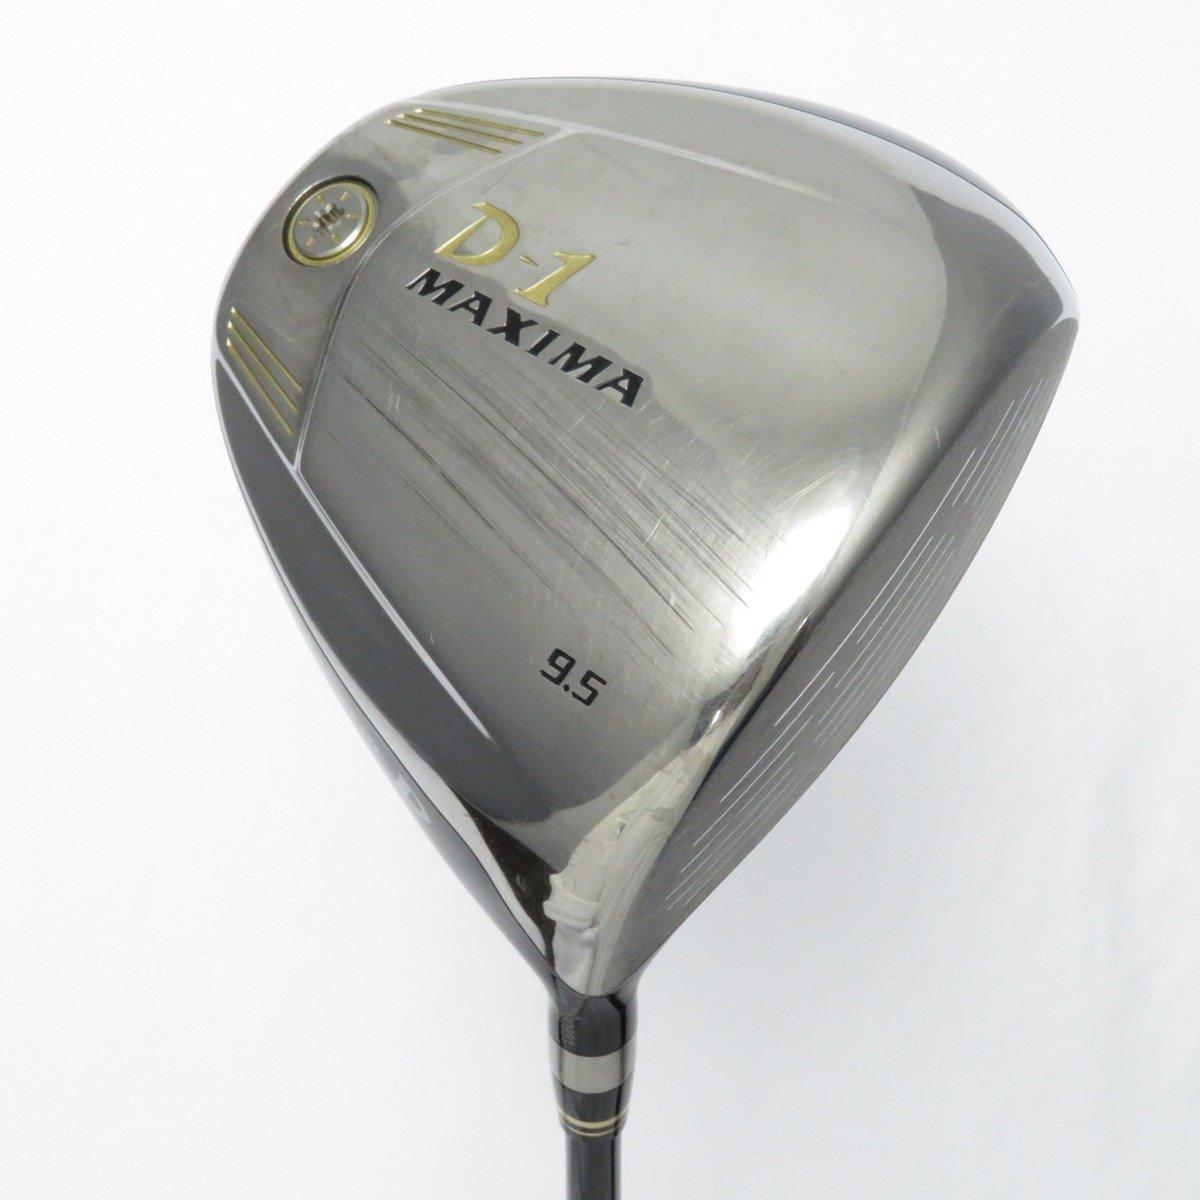 【中古】リョーマ ゴルフ RYOMA GOLF Ryoma D-1 MAXIMA TYPE-D(メーカー公認中古) ドライバー Tour AD MX-D B07D7TX5FT